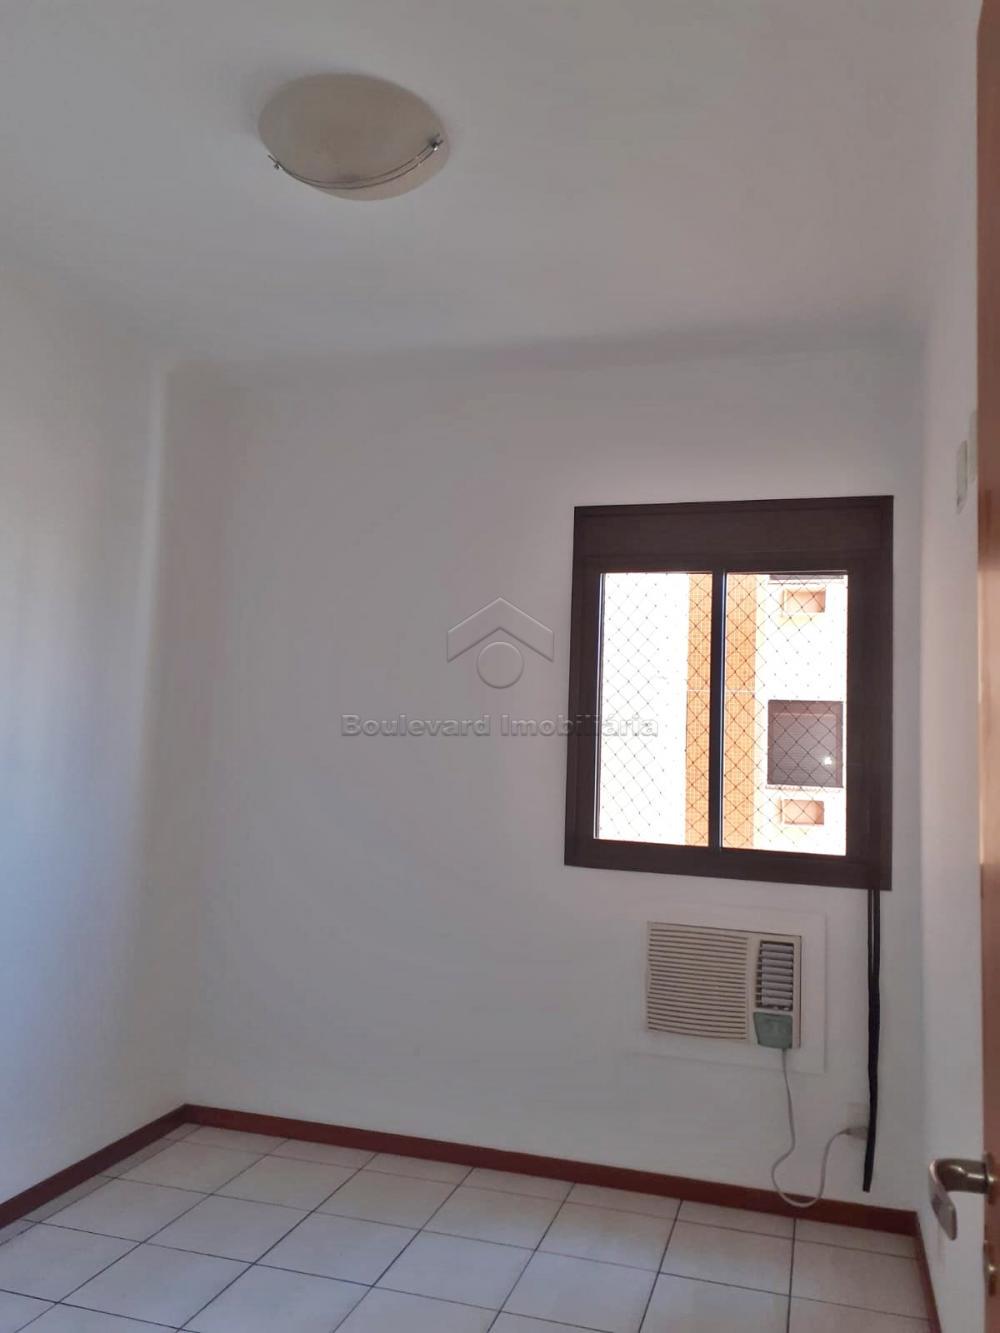 Alugar Apartamento / Padrão em Ribeirão Preto R$ 2.200,00 - Foto 14